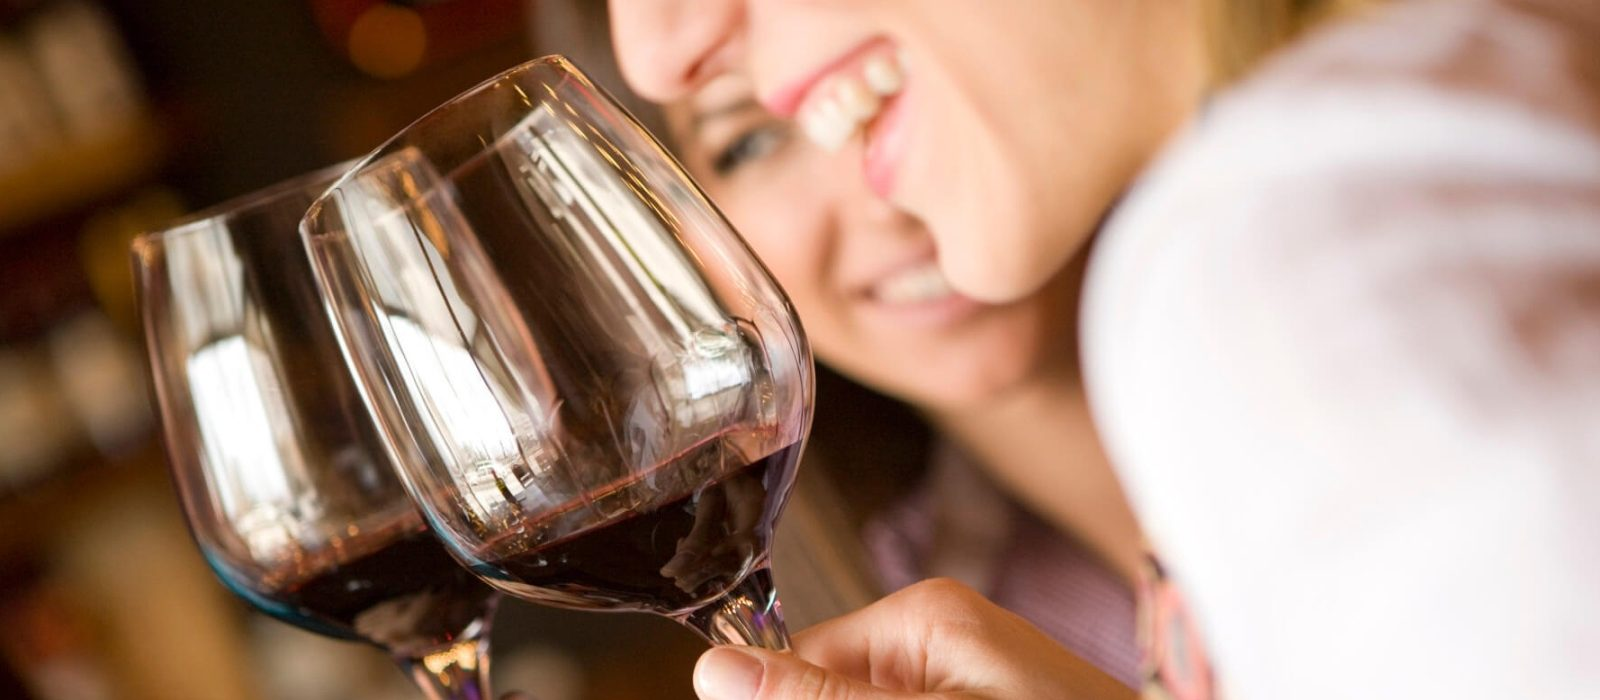 OSSIGENAZIONE NEL CALICE. L'importanza della scelta del bicchiere